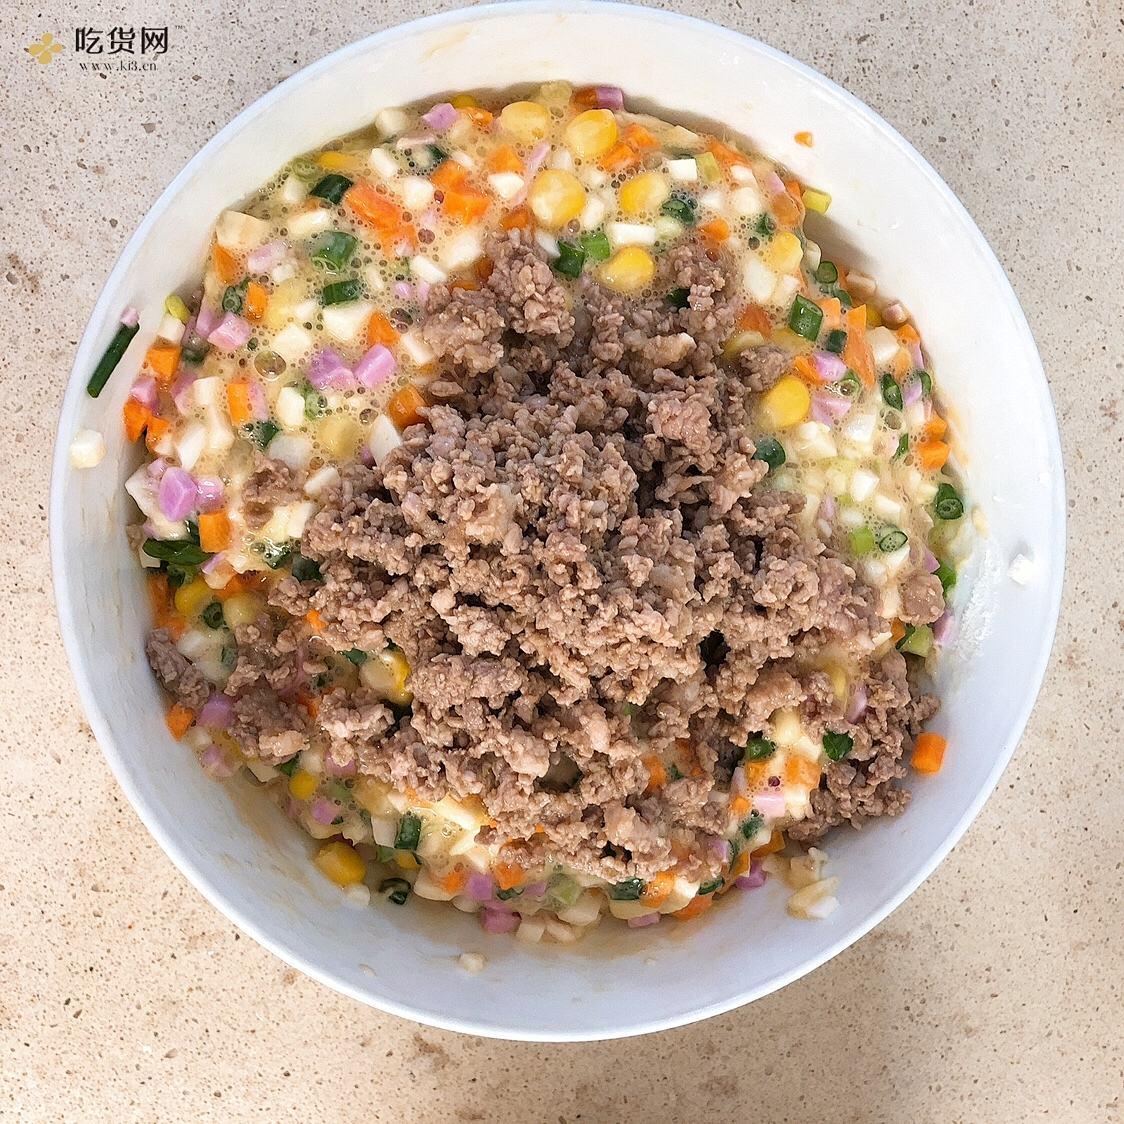 山药饼(不爱吃山药的都?️)的做法 步骤4